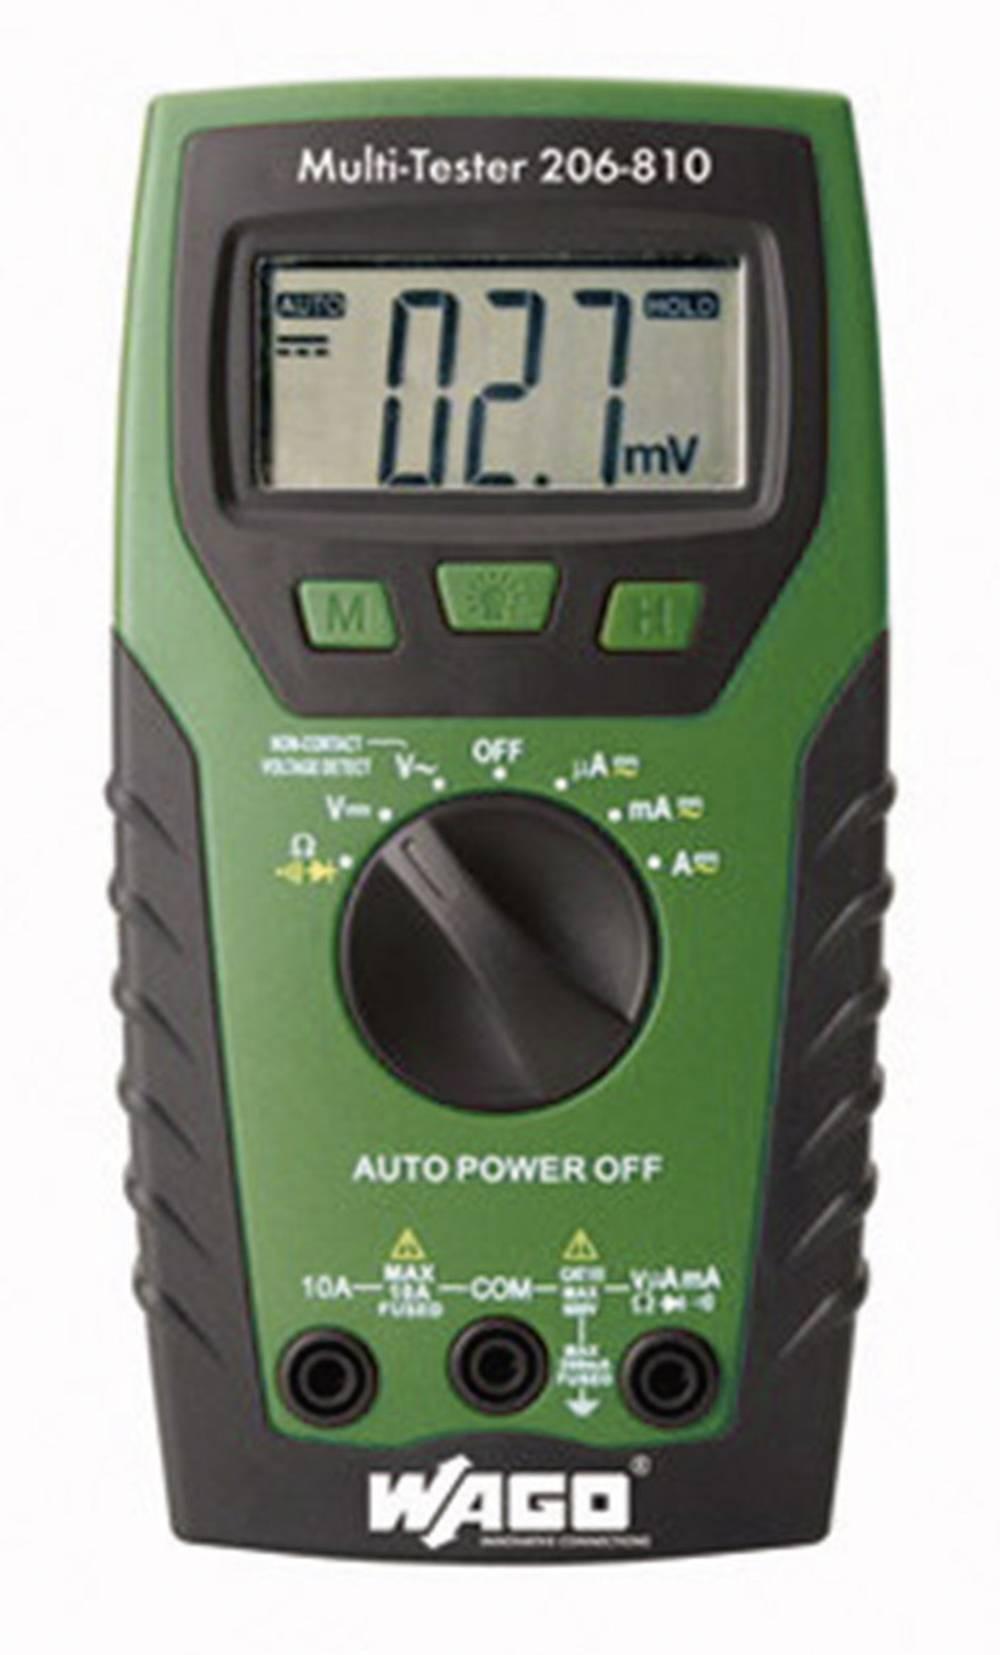 Ročni multimeter, digitalni WAGO 206-810 kalibracija narejena po: delovnih standardih, CAT IV 600 V število znakov na zaslonu: 2